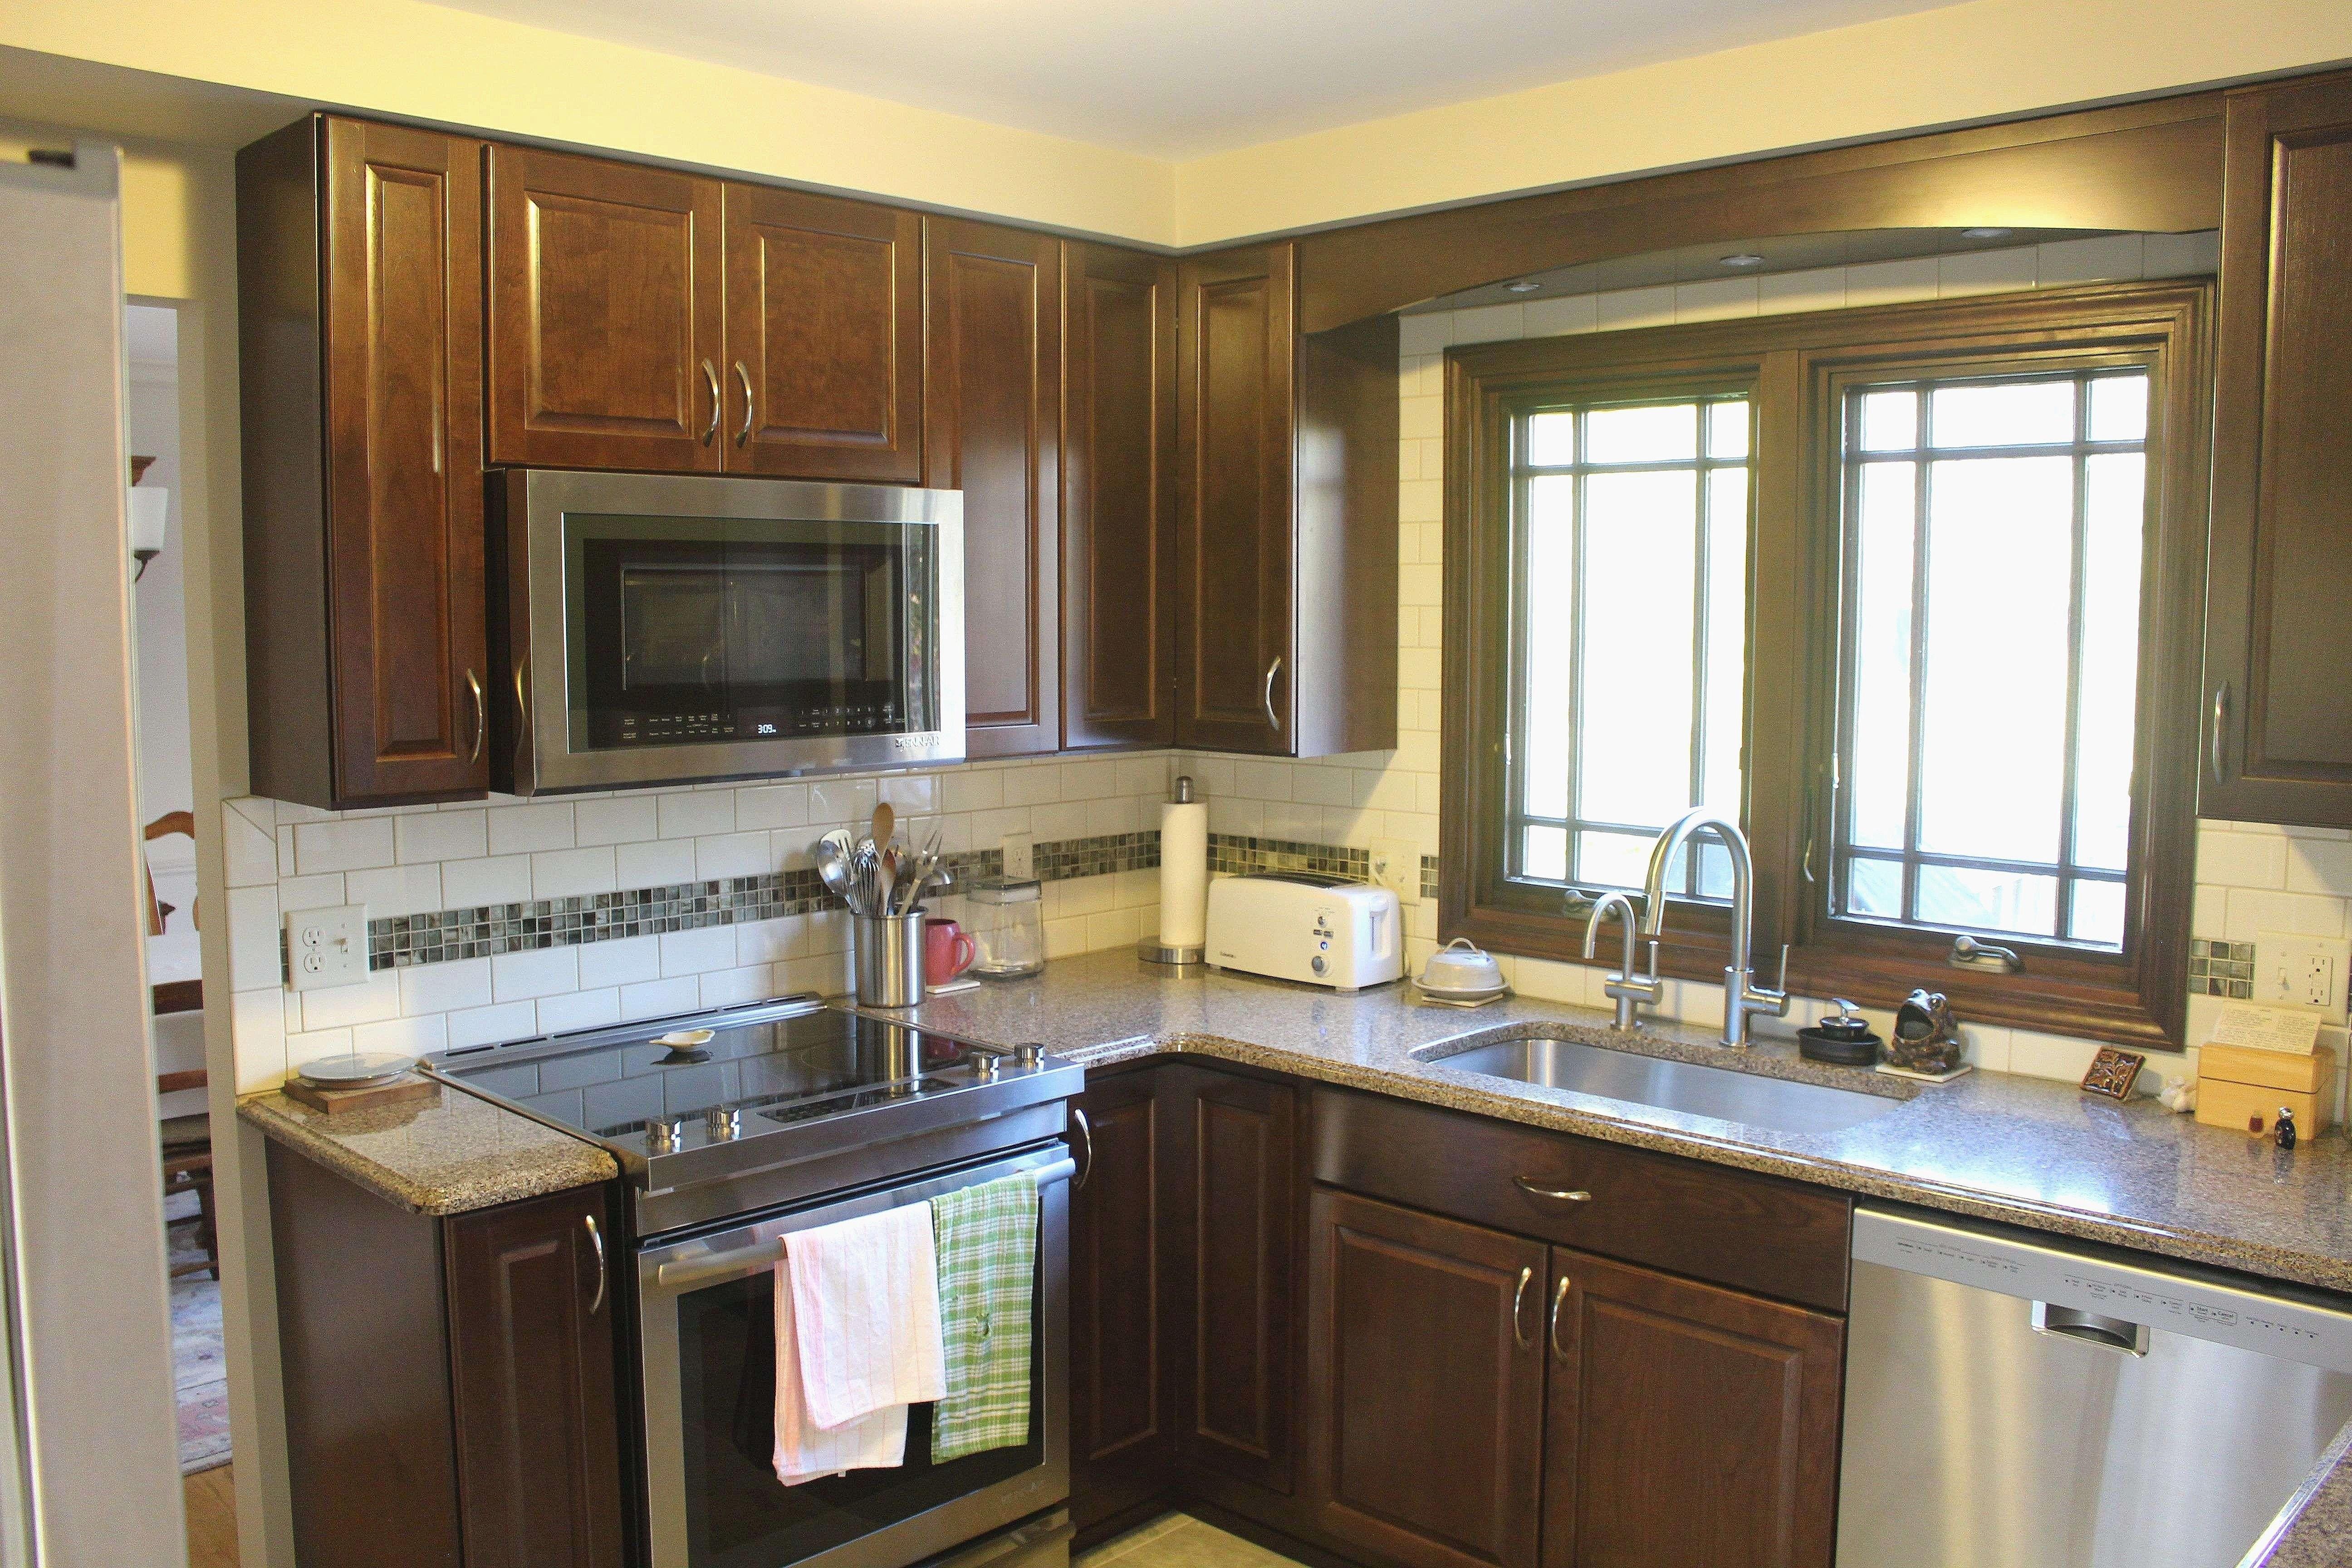 Best New Orange Kitchen Ideas Kitchen Tiles Design Metal 640 x 480